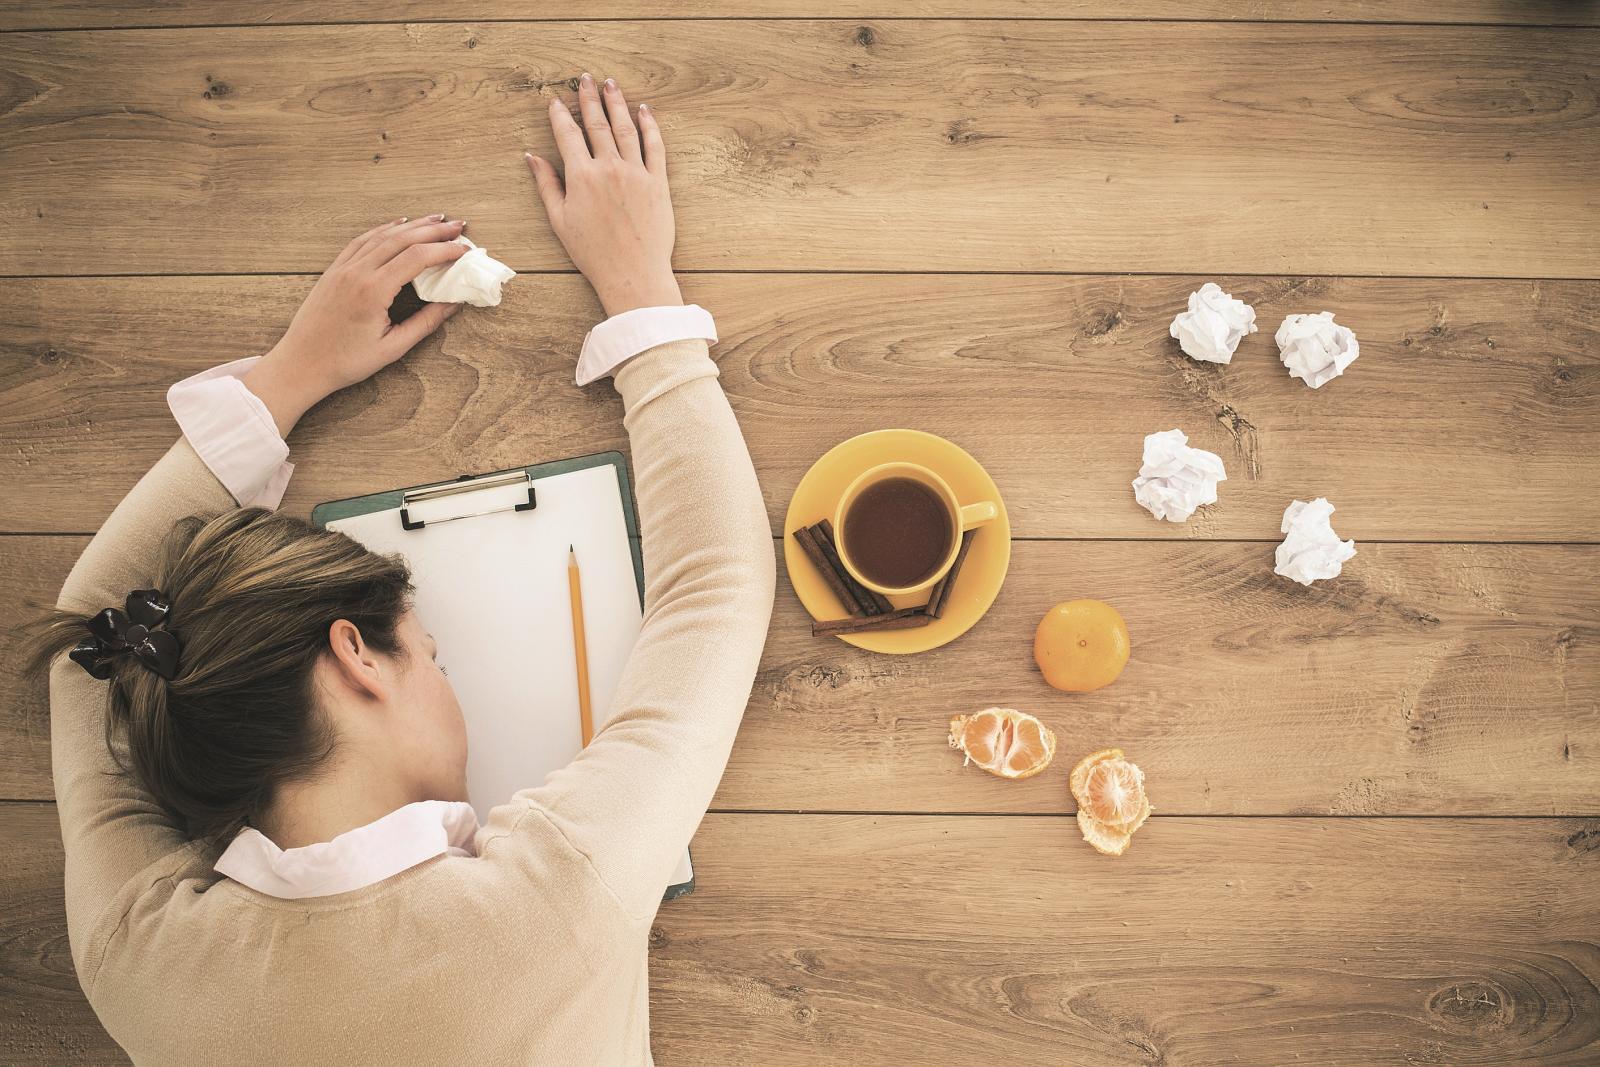 Ako prečesto jedete hranu bogatu ugljikohidratima, za očekivati je da ćete se osjećati tromo, pospano i umorno.